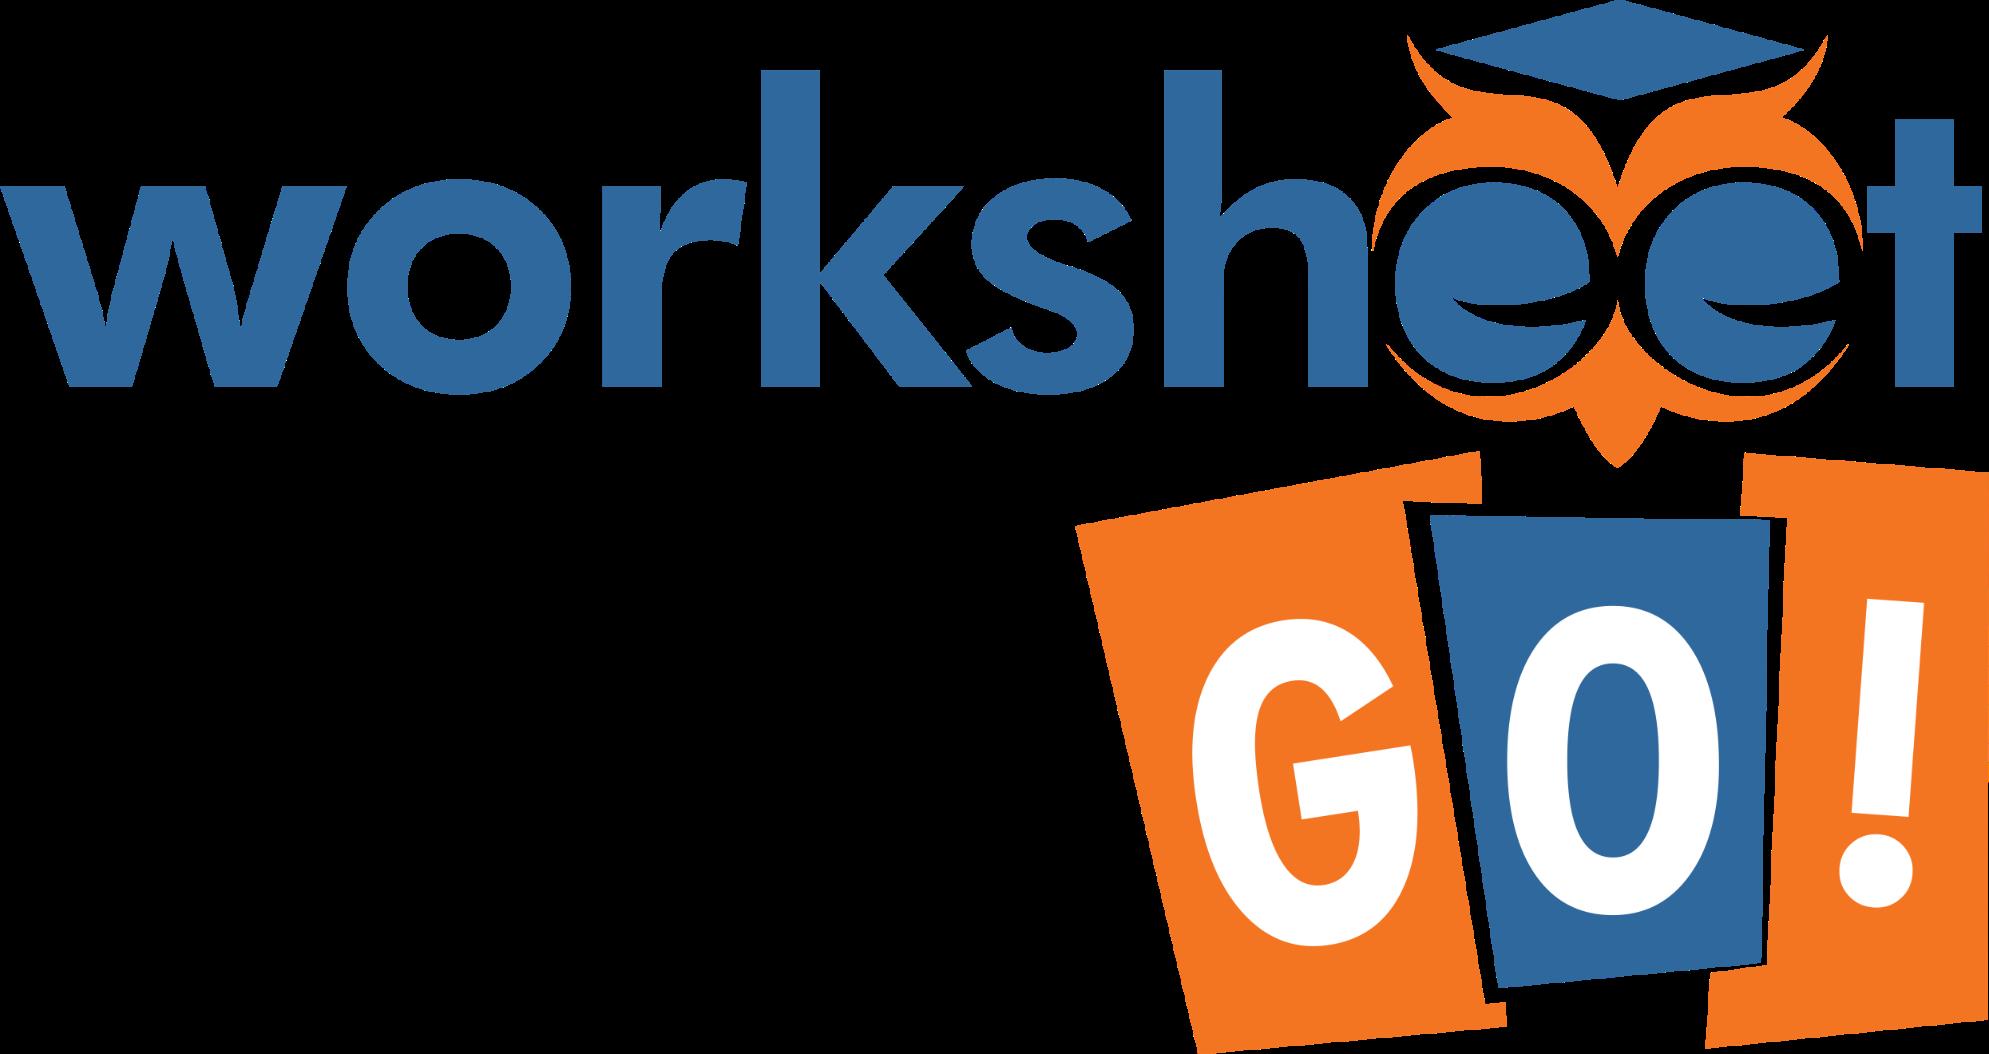 Worksheet Go! - SchoolID Generator